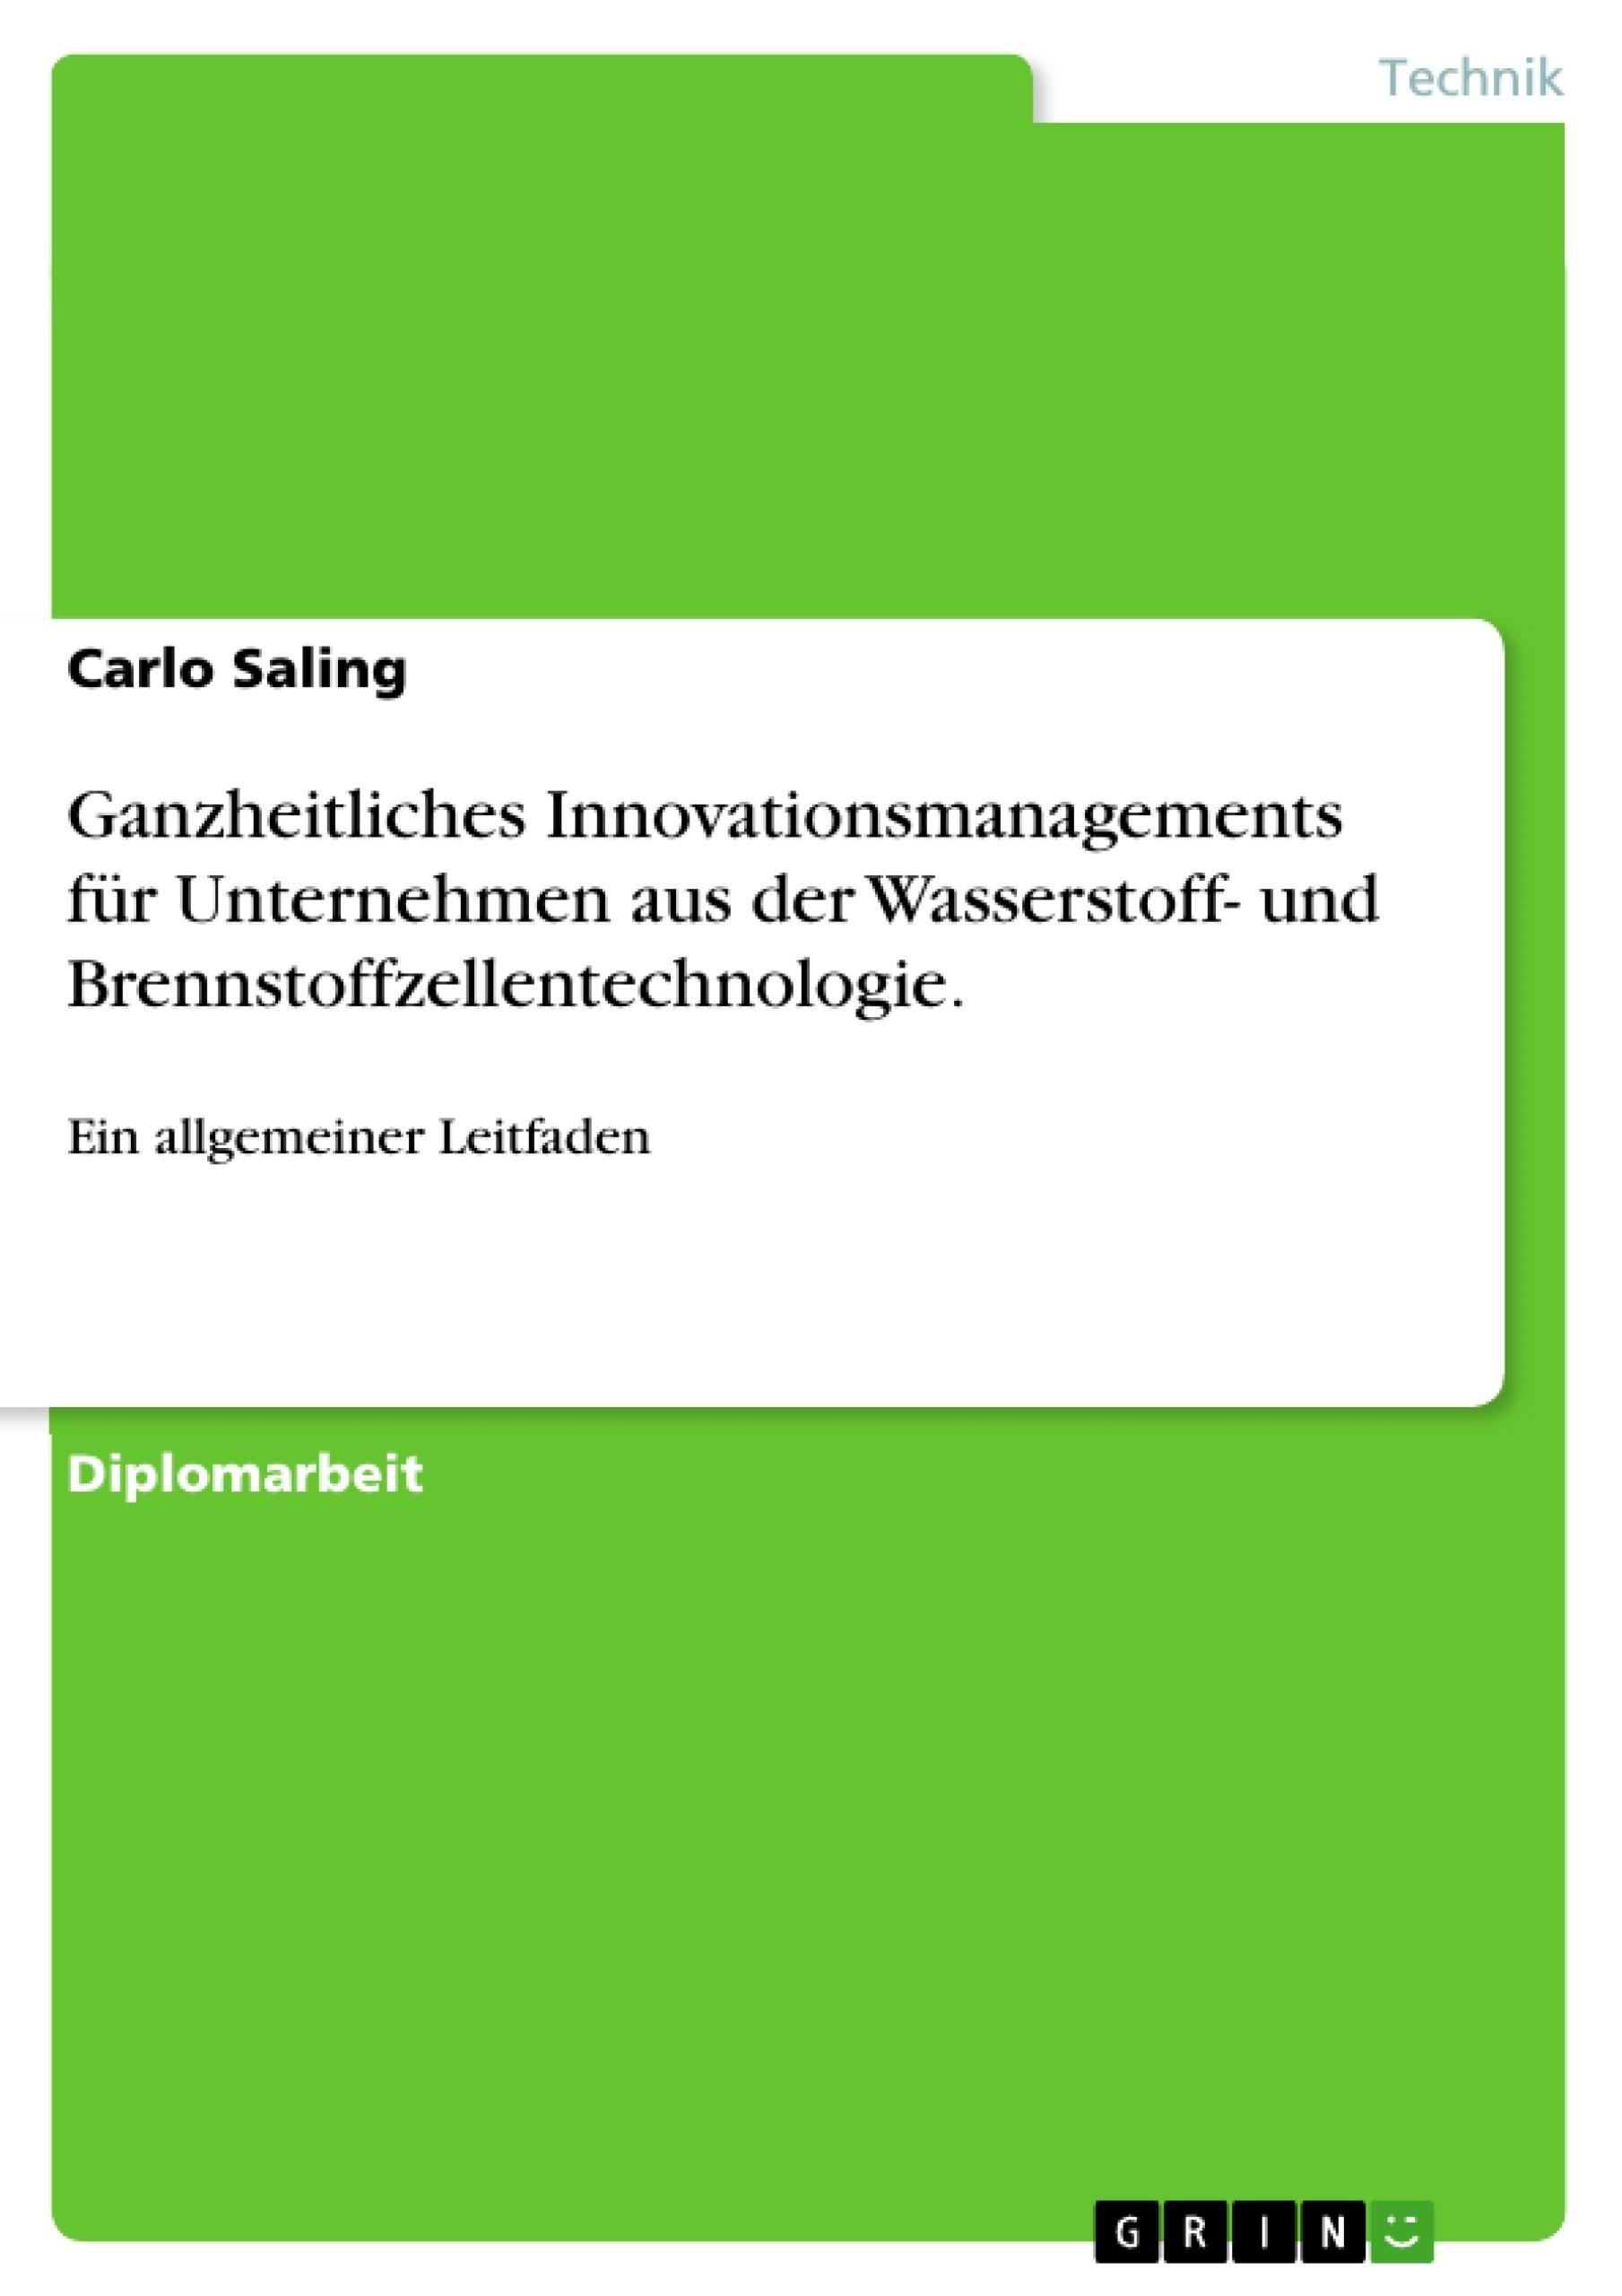 Titel: Ganzheitliches Innovationsmanagements für  Unternehmen aus der Wasserstoff- und Brennstoffzellentechnologie.